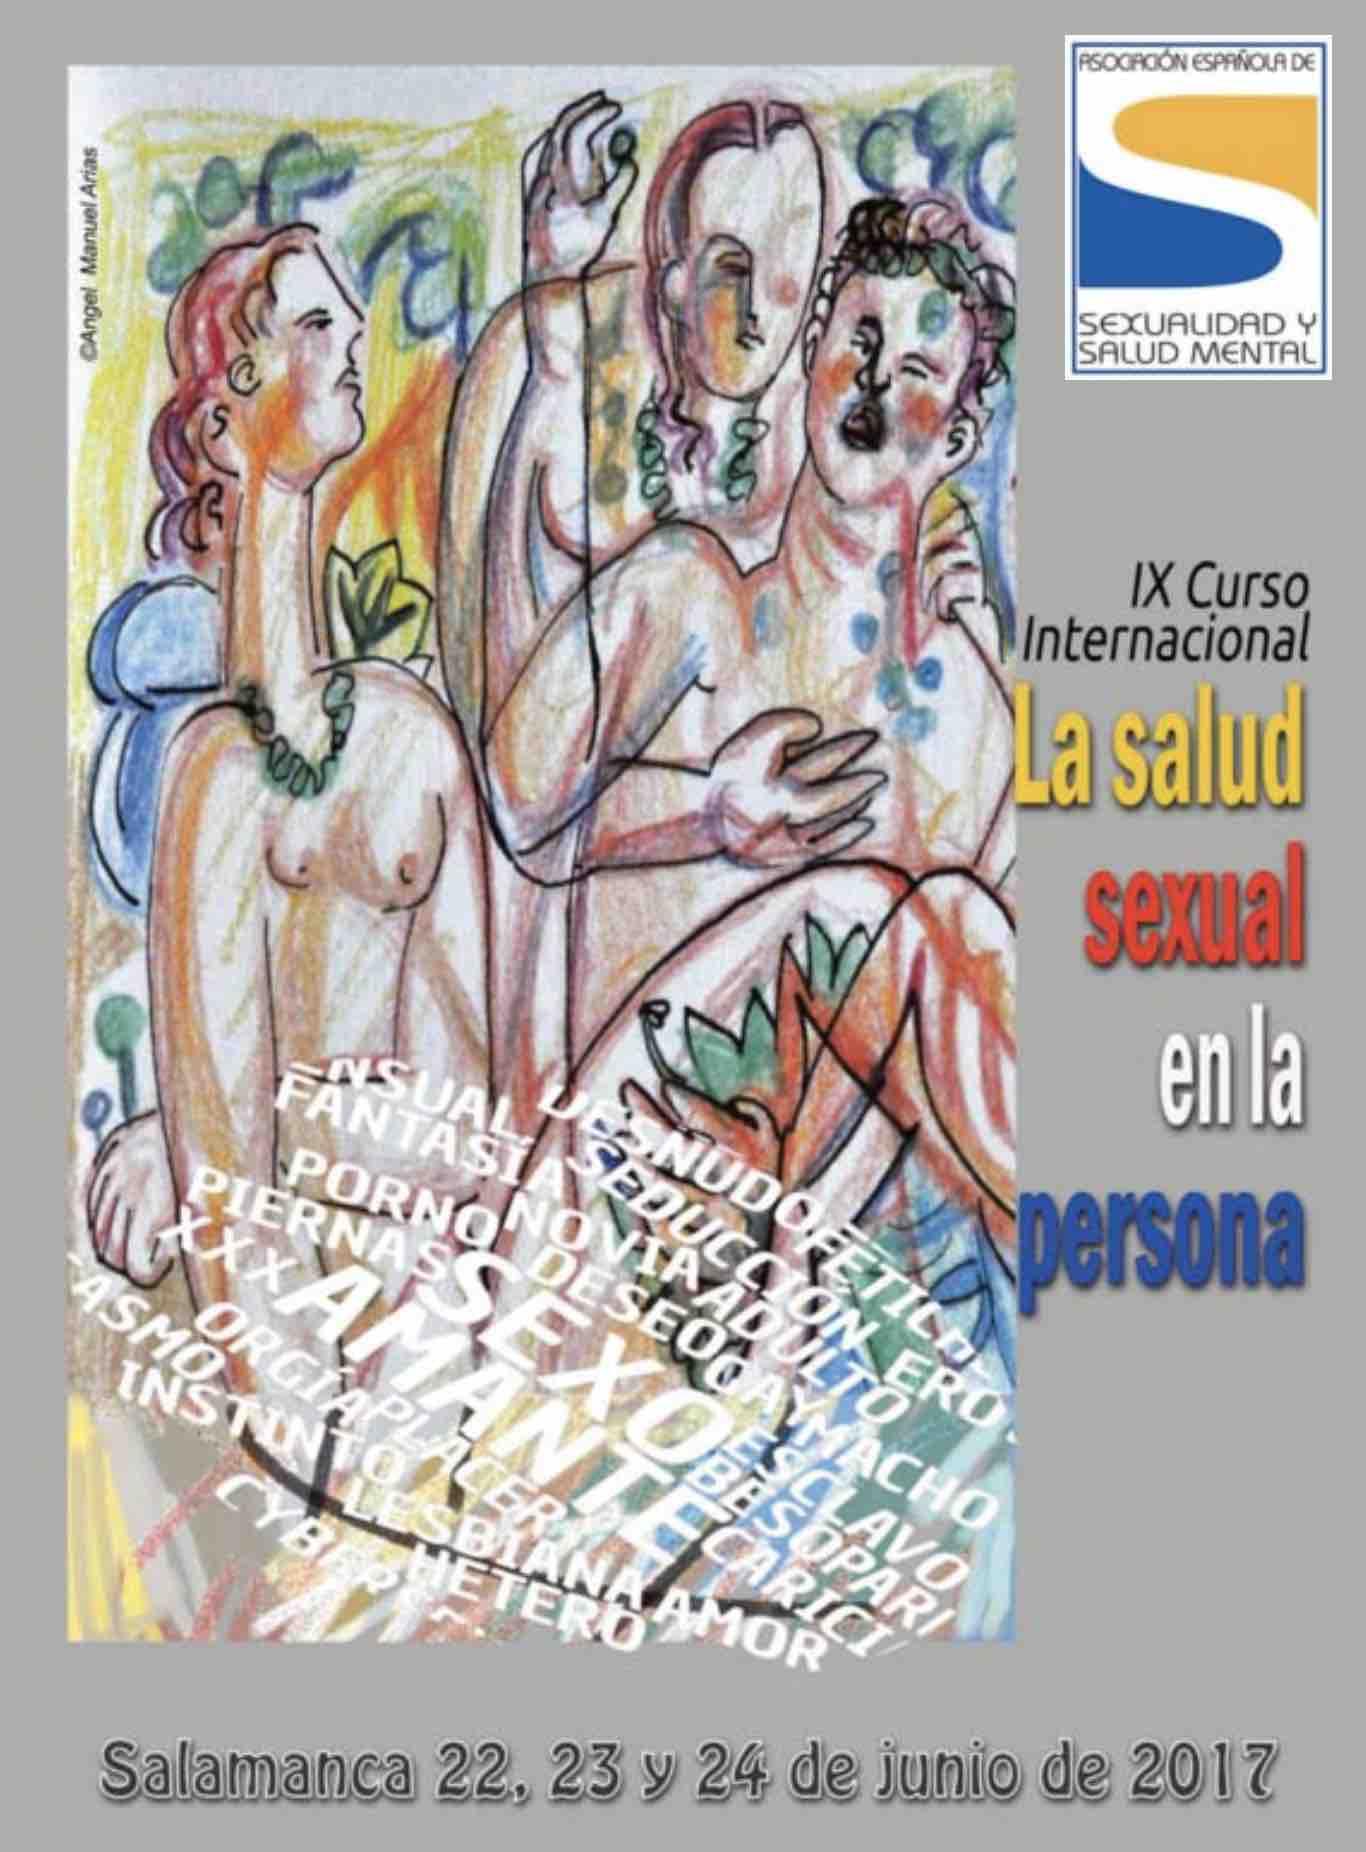 IX Curs Internacional de Sexualitat i Salut Mental